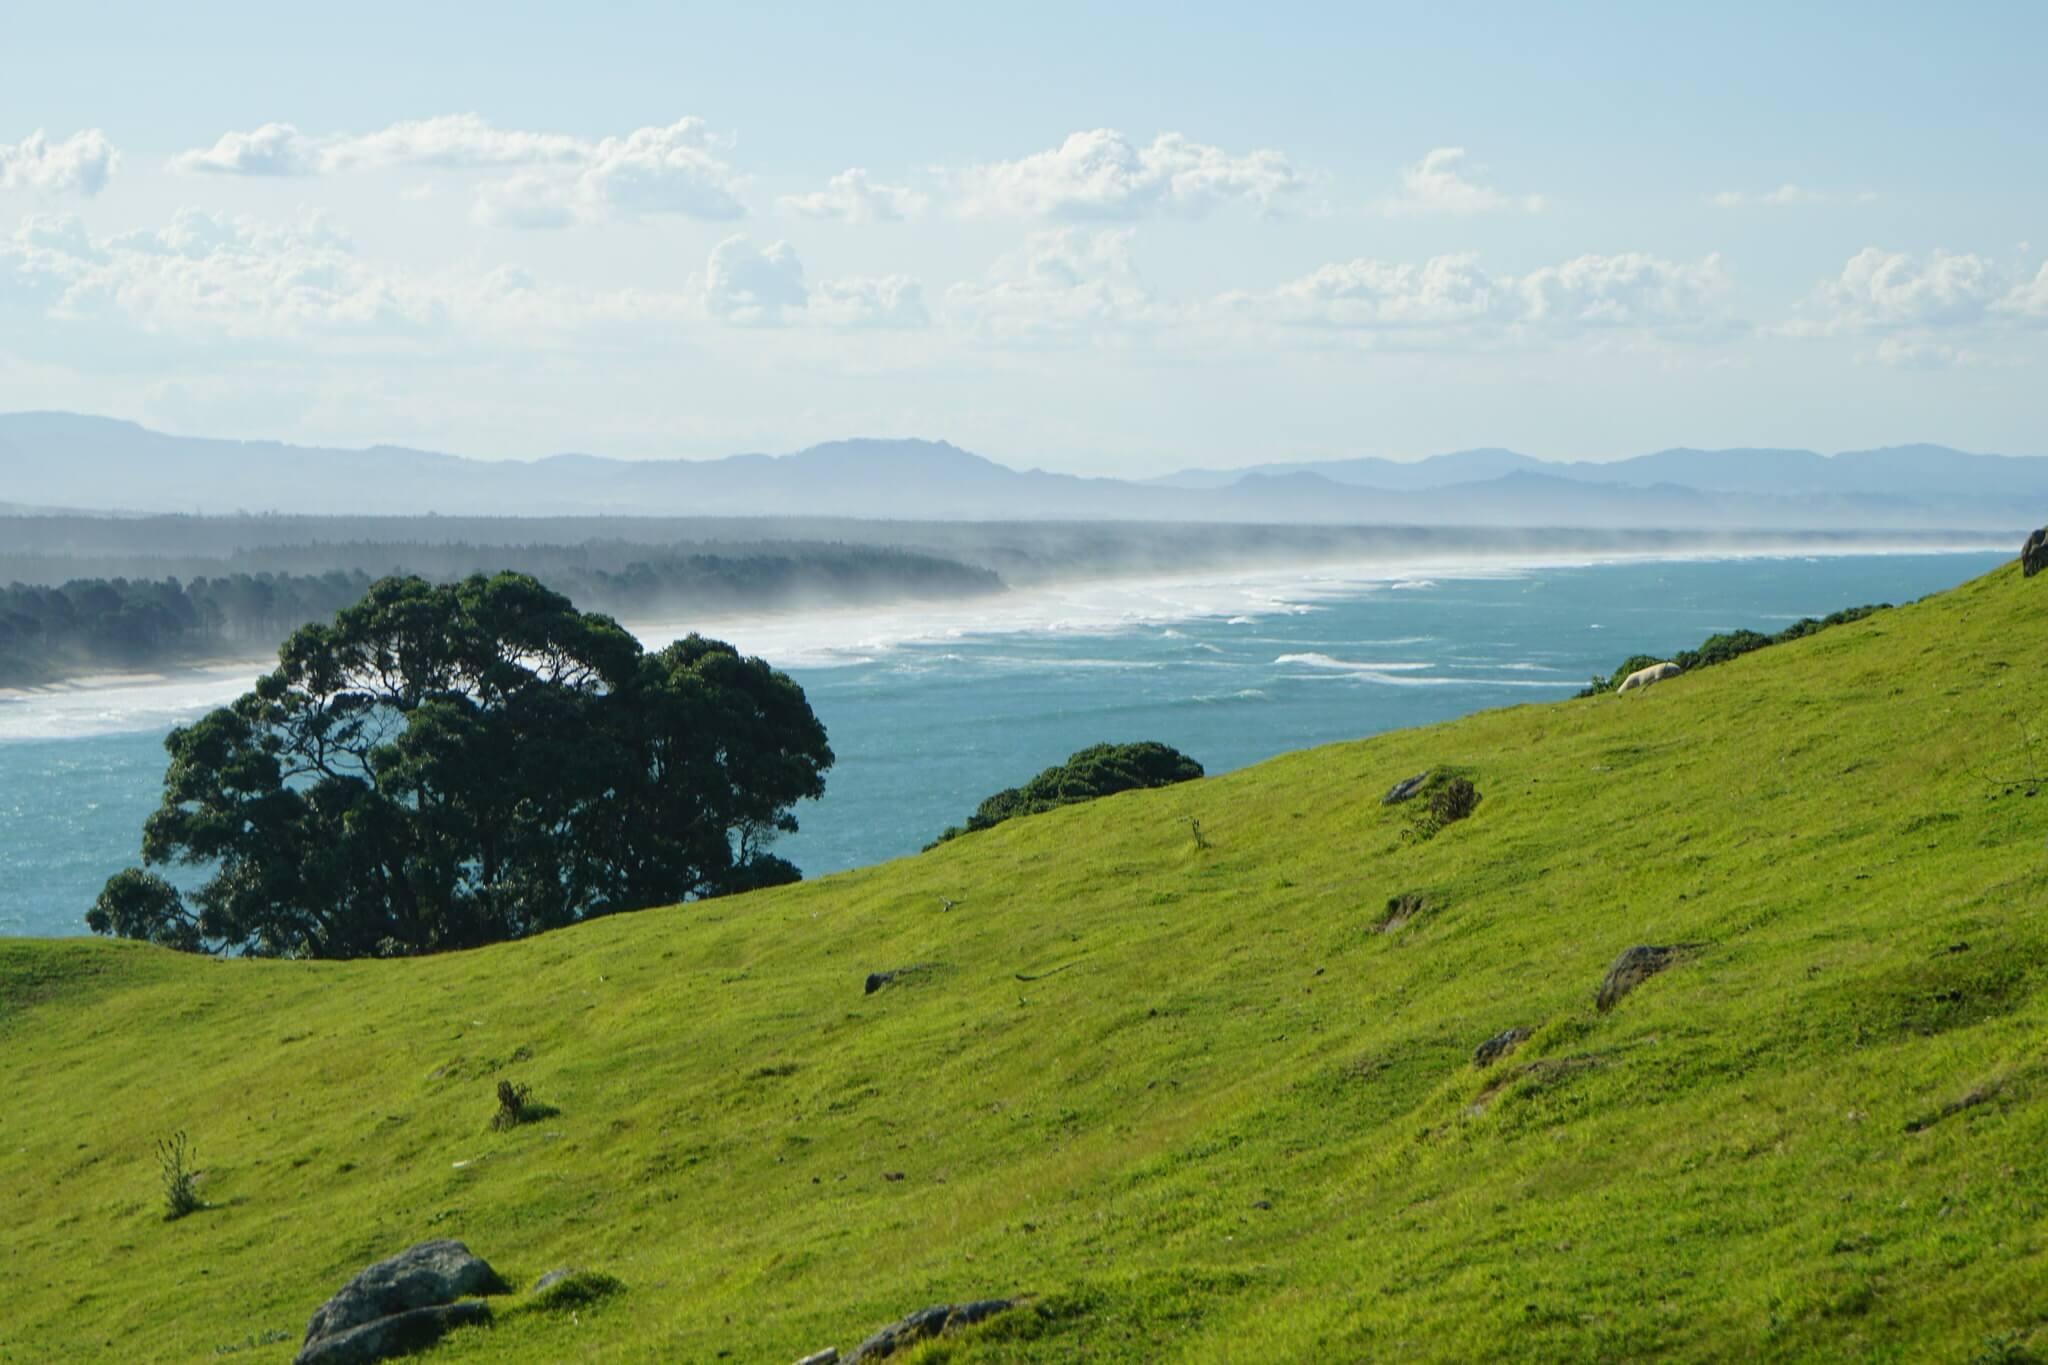 Day trip from Hamilton to Tauranga